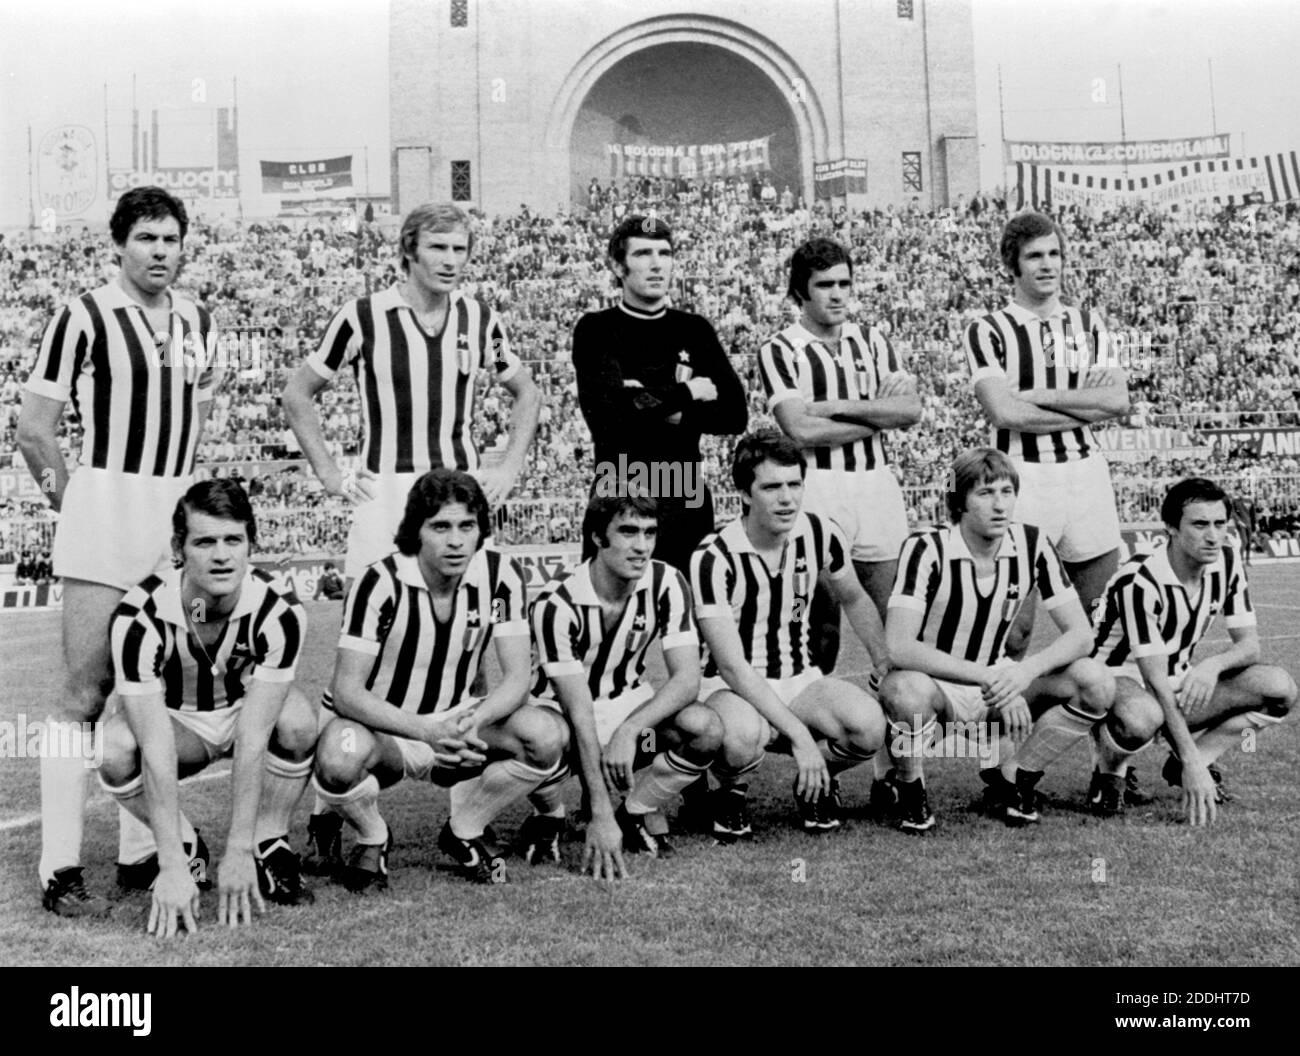 Serie A football championship, 1973/1974. Bologna vs Juventus (0 - 0). In the photo: The Juventus team, from left to top: Sandro Salvadore, Francesco Morini, Dino Zoff, Antonello Cuccureddu and Luciano Spinosi; squatting from the left: Fabio Capello, Franco Causio, Pietro Anastasi, Roberto Bettega, Gianpietro Marchetti and Giuseppe Furino. Bologna (Dall'Ara Stadium), 4/11/1973. --- Campionato di calcio Serie A, 1973/1974. Bologna vs Juventus ( 0 - 0 ). Nella foto: La formazione della Juventus, da sx in pidi: Sandro Salvadore, Francesco Morini, Dino Zoff, Antonello Cuccureddu e Luciano Spinosi; Stock Photo